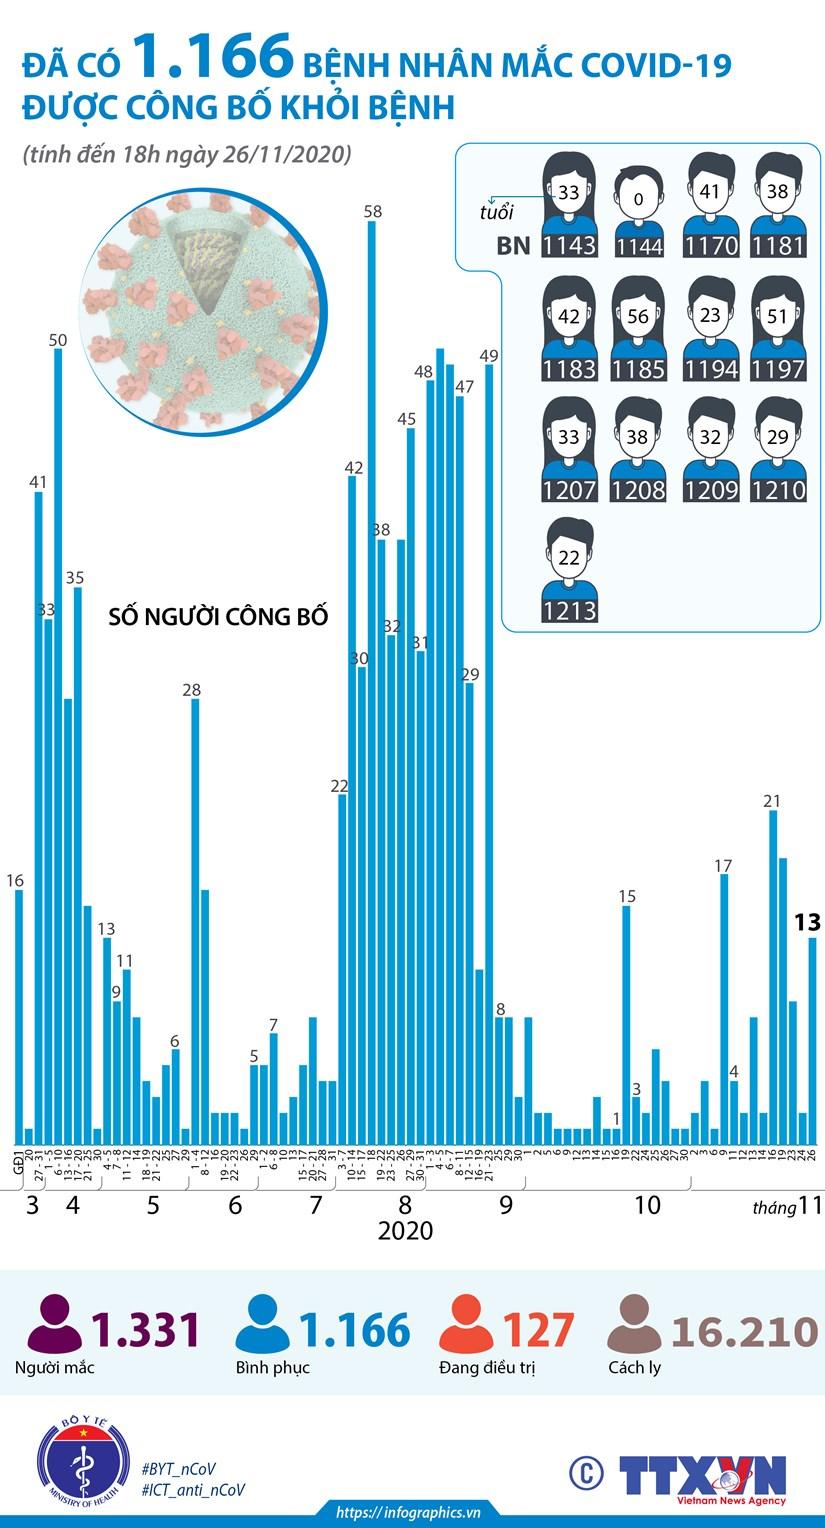 [Infographics] 1.166 benh nhan mac COVID-19 duoc cong bo khoi benh hinh anh 1